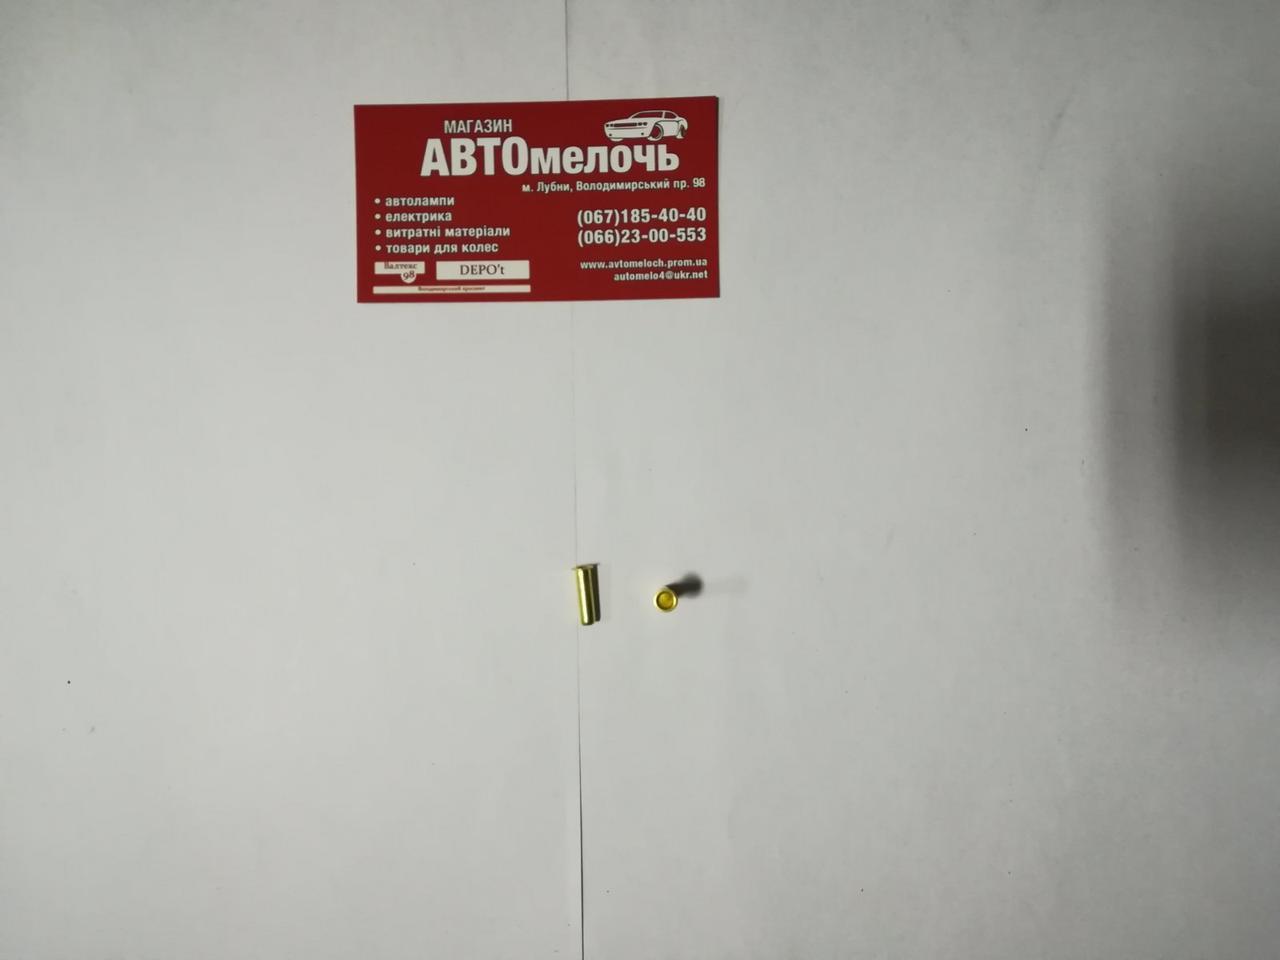 Трубка распорная под трубку пластиковую D=6 мм. пр-во Турция